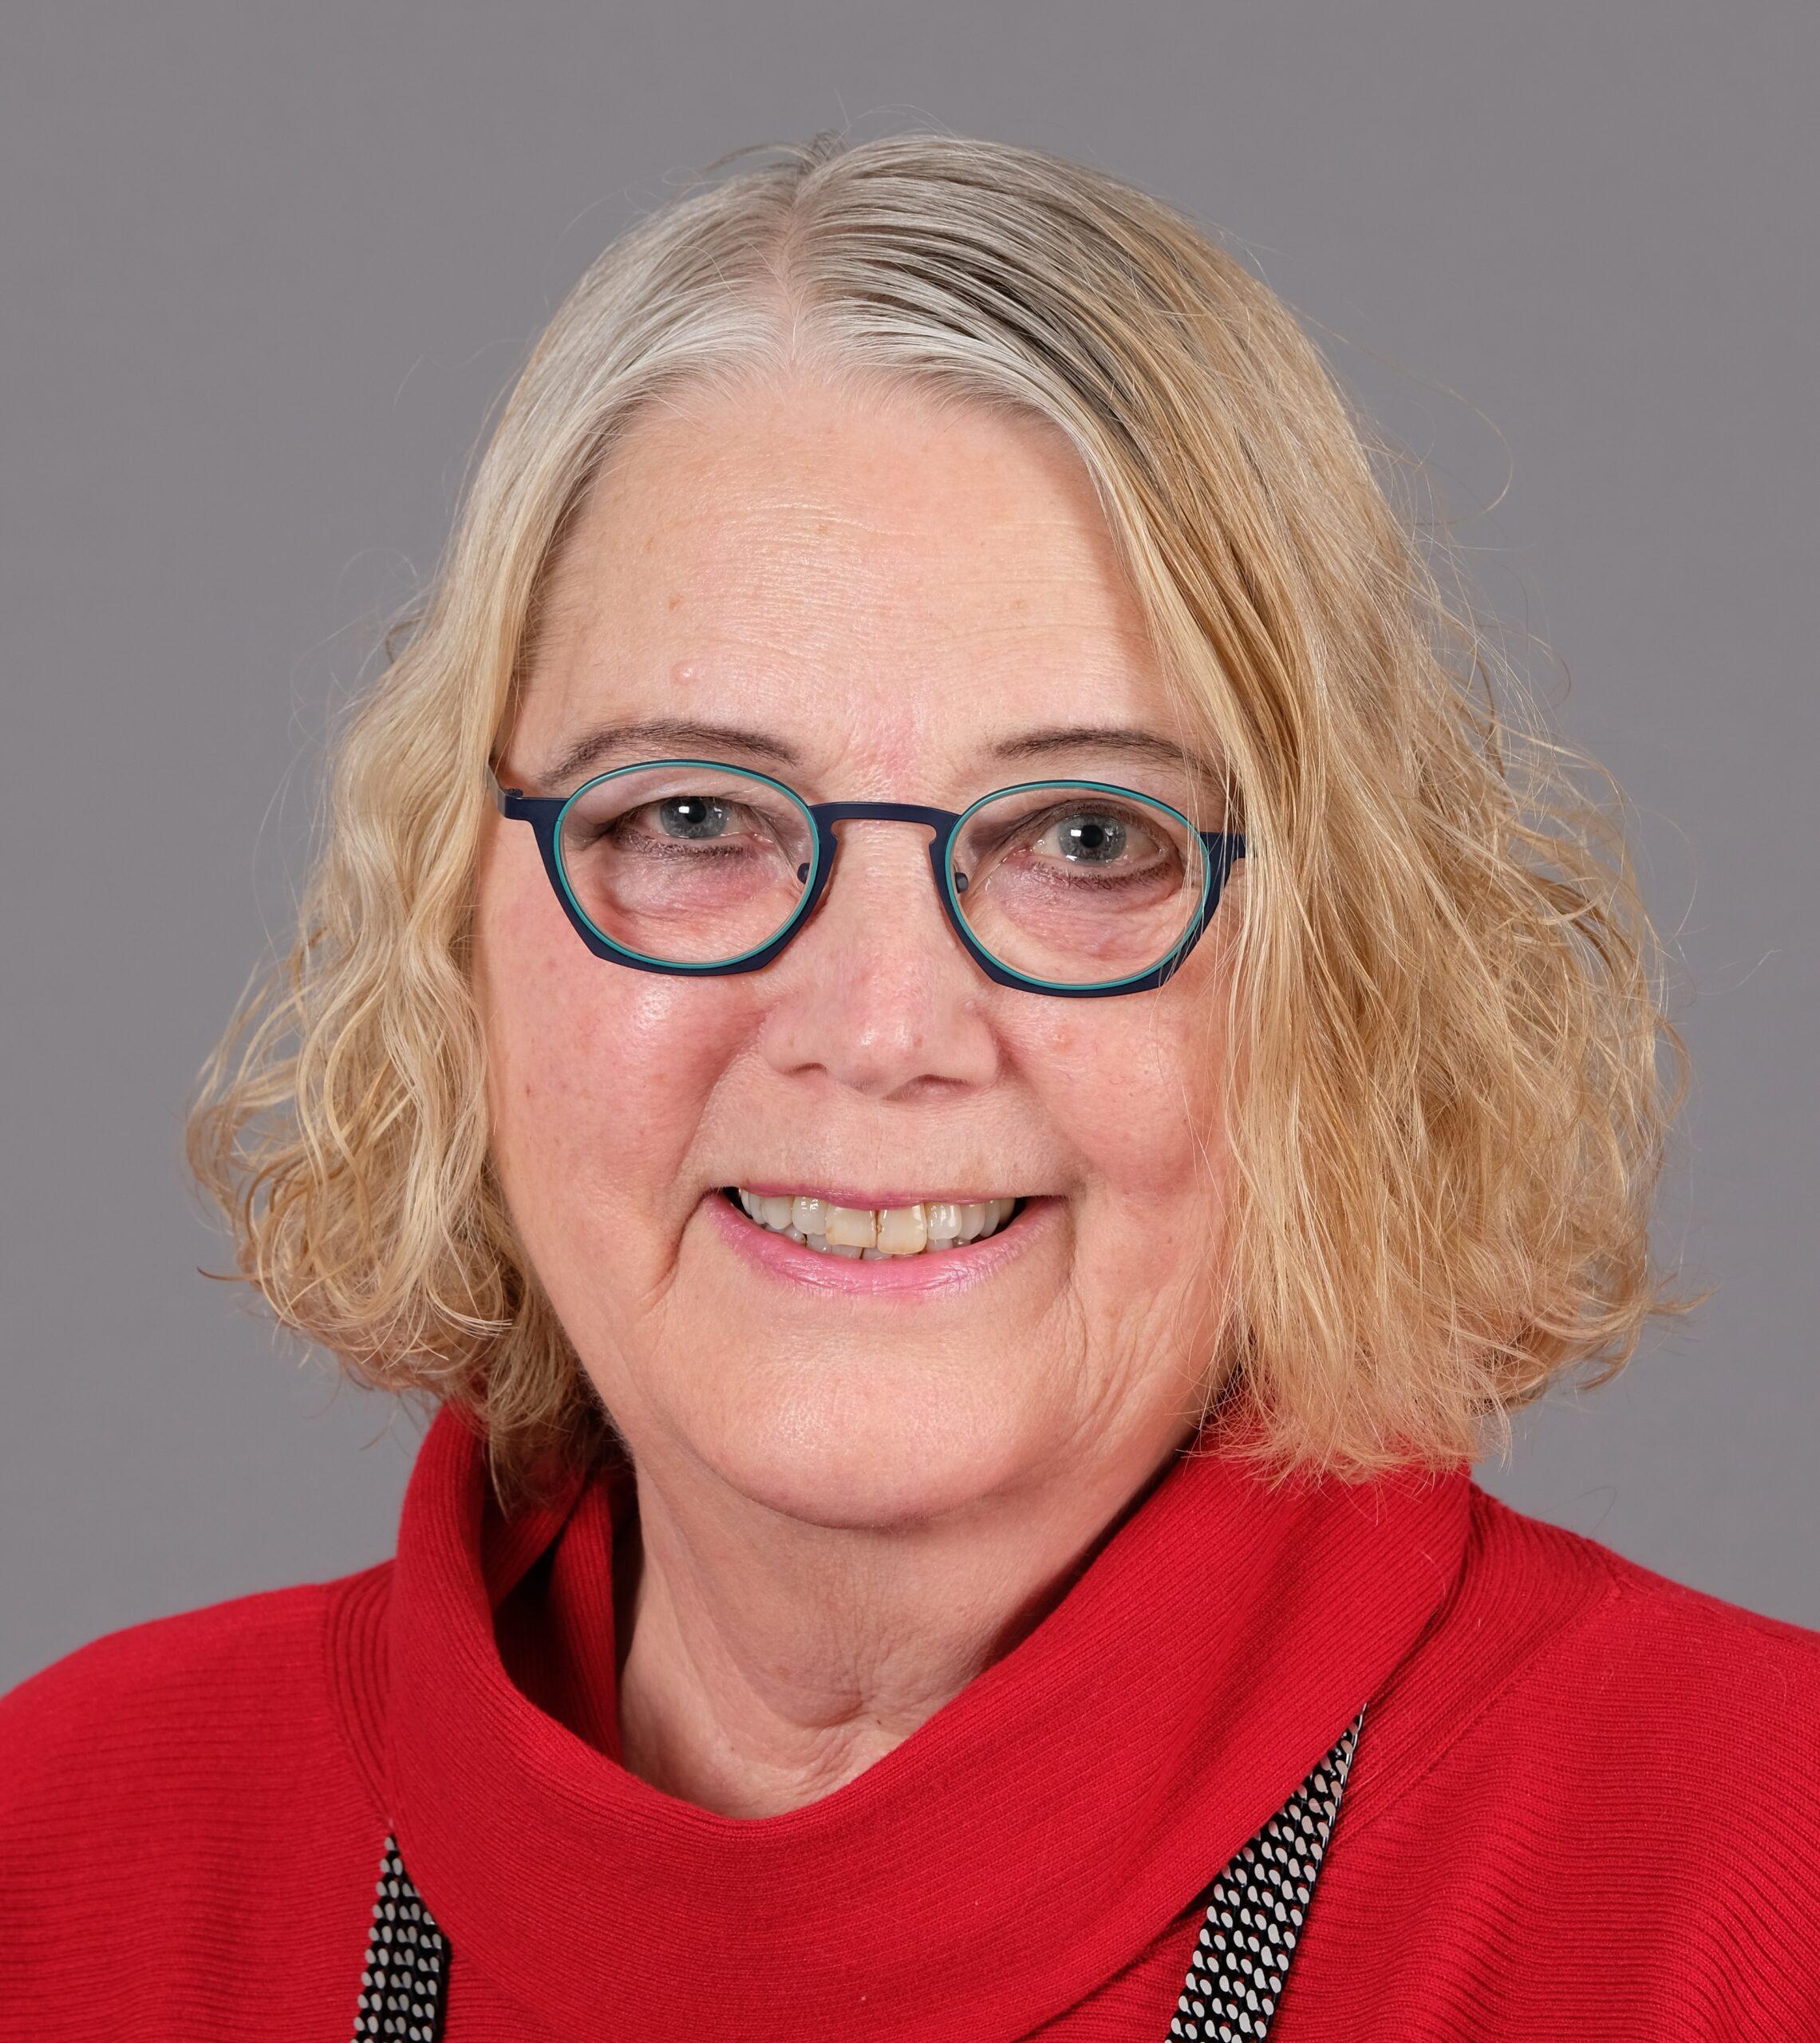 Trudy Bosgraaf